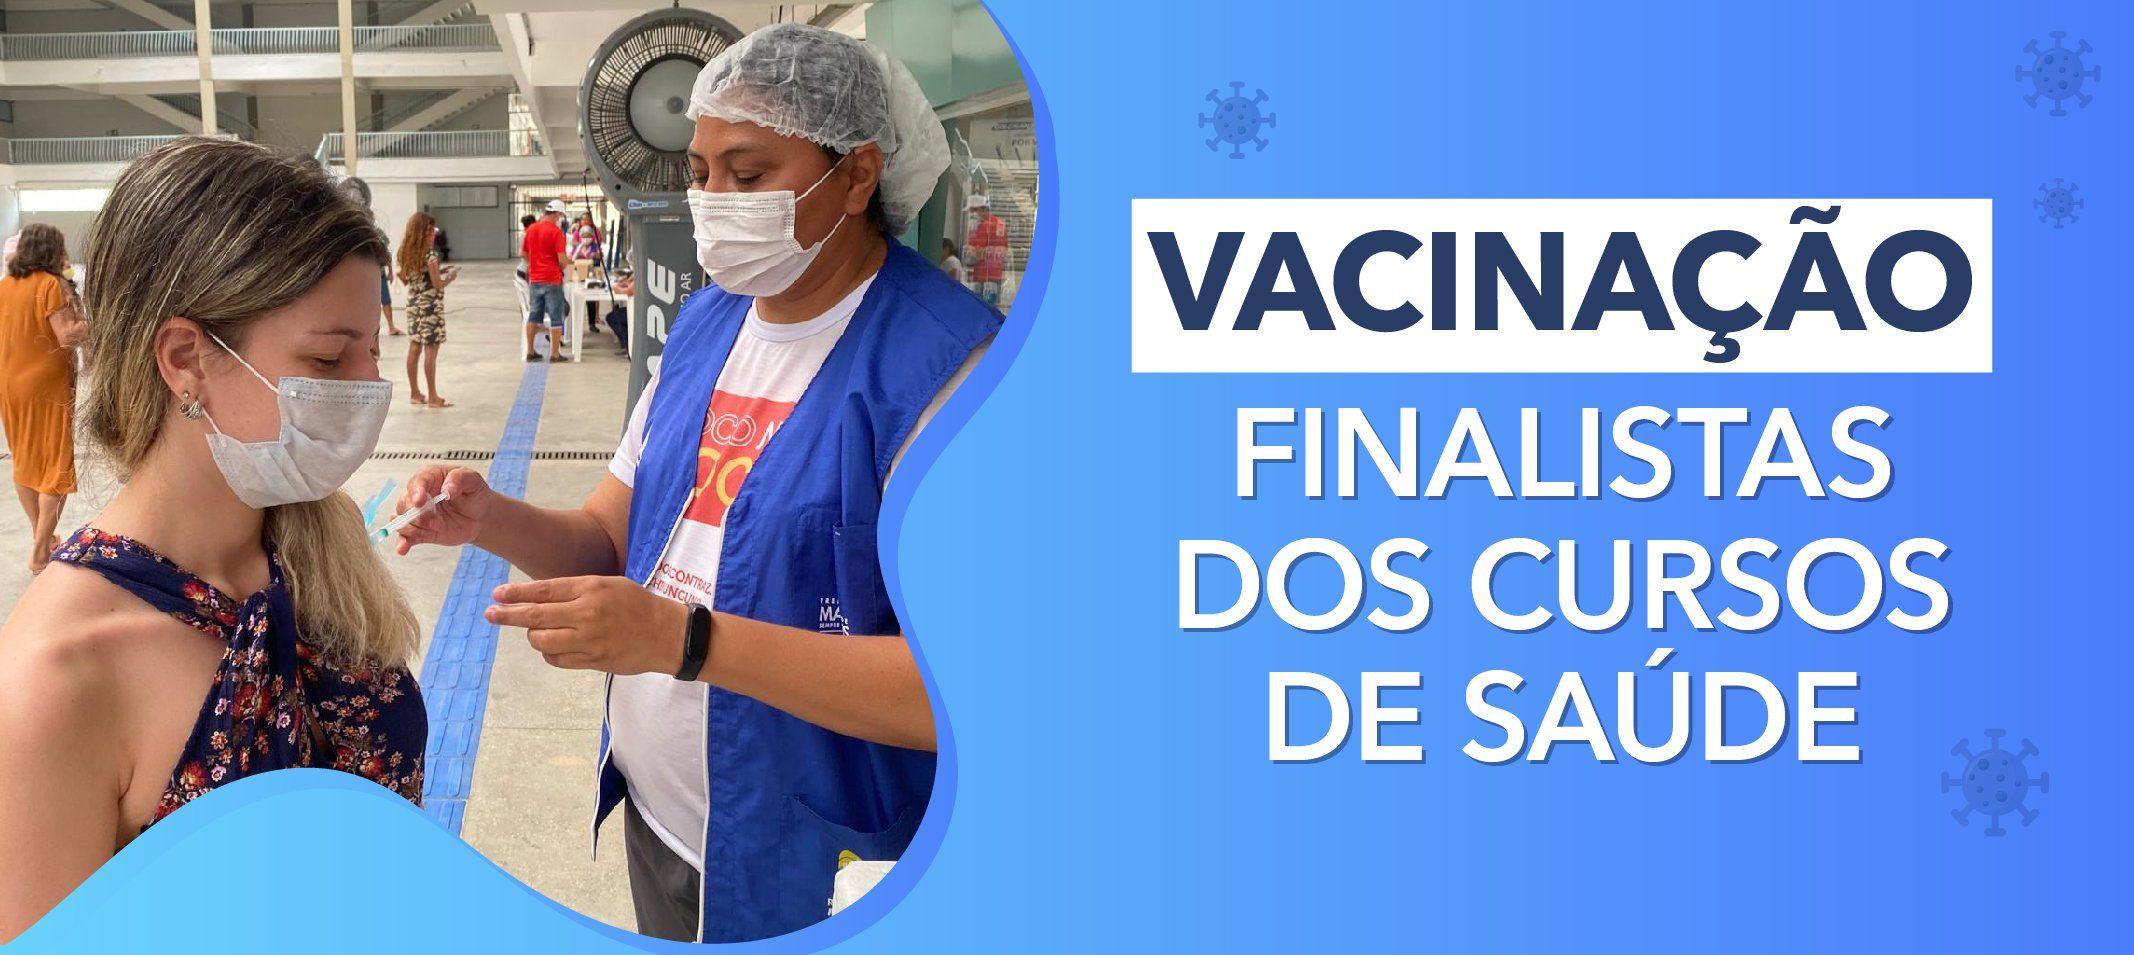 Finalistas dos cursos de Saúde da Ufam começam a ser vacinados contra covid-19